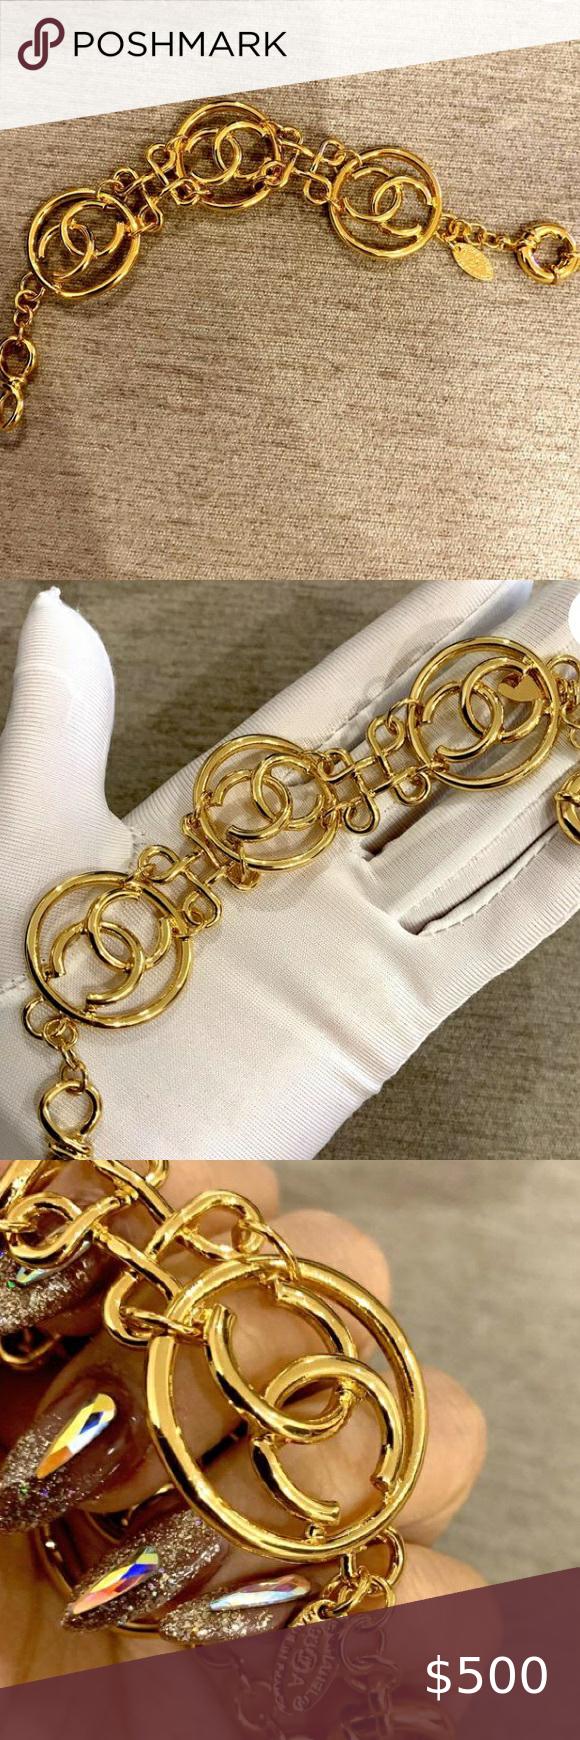 Chanel Vintage Gold Bracelet Vintage Gold Bracelet Vintage Chanel Gold Bracelet